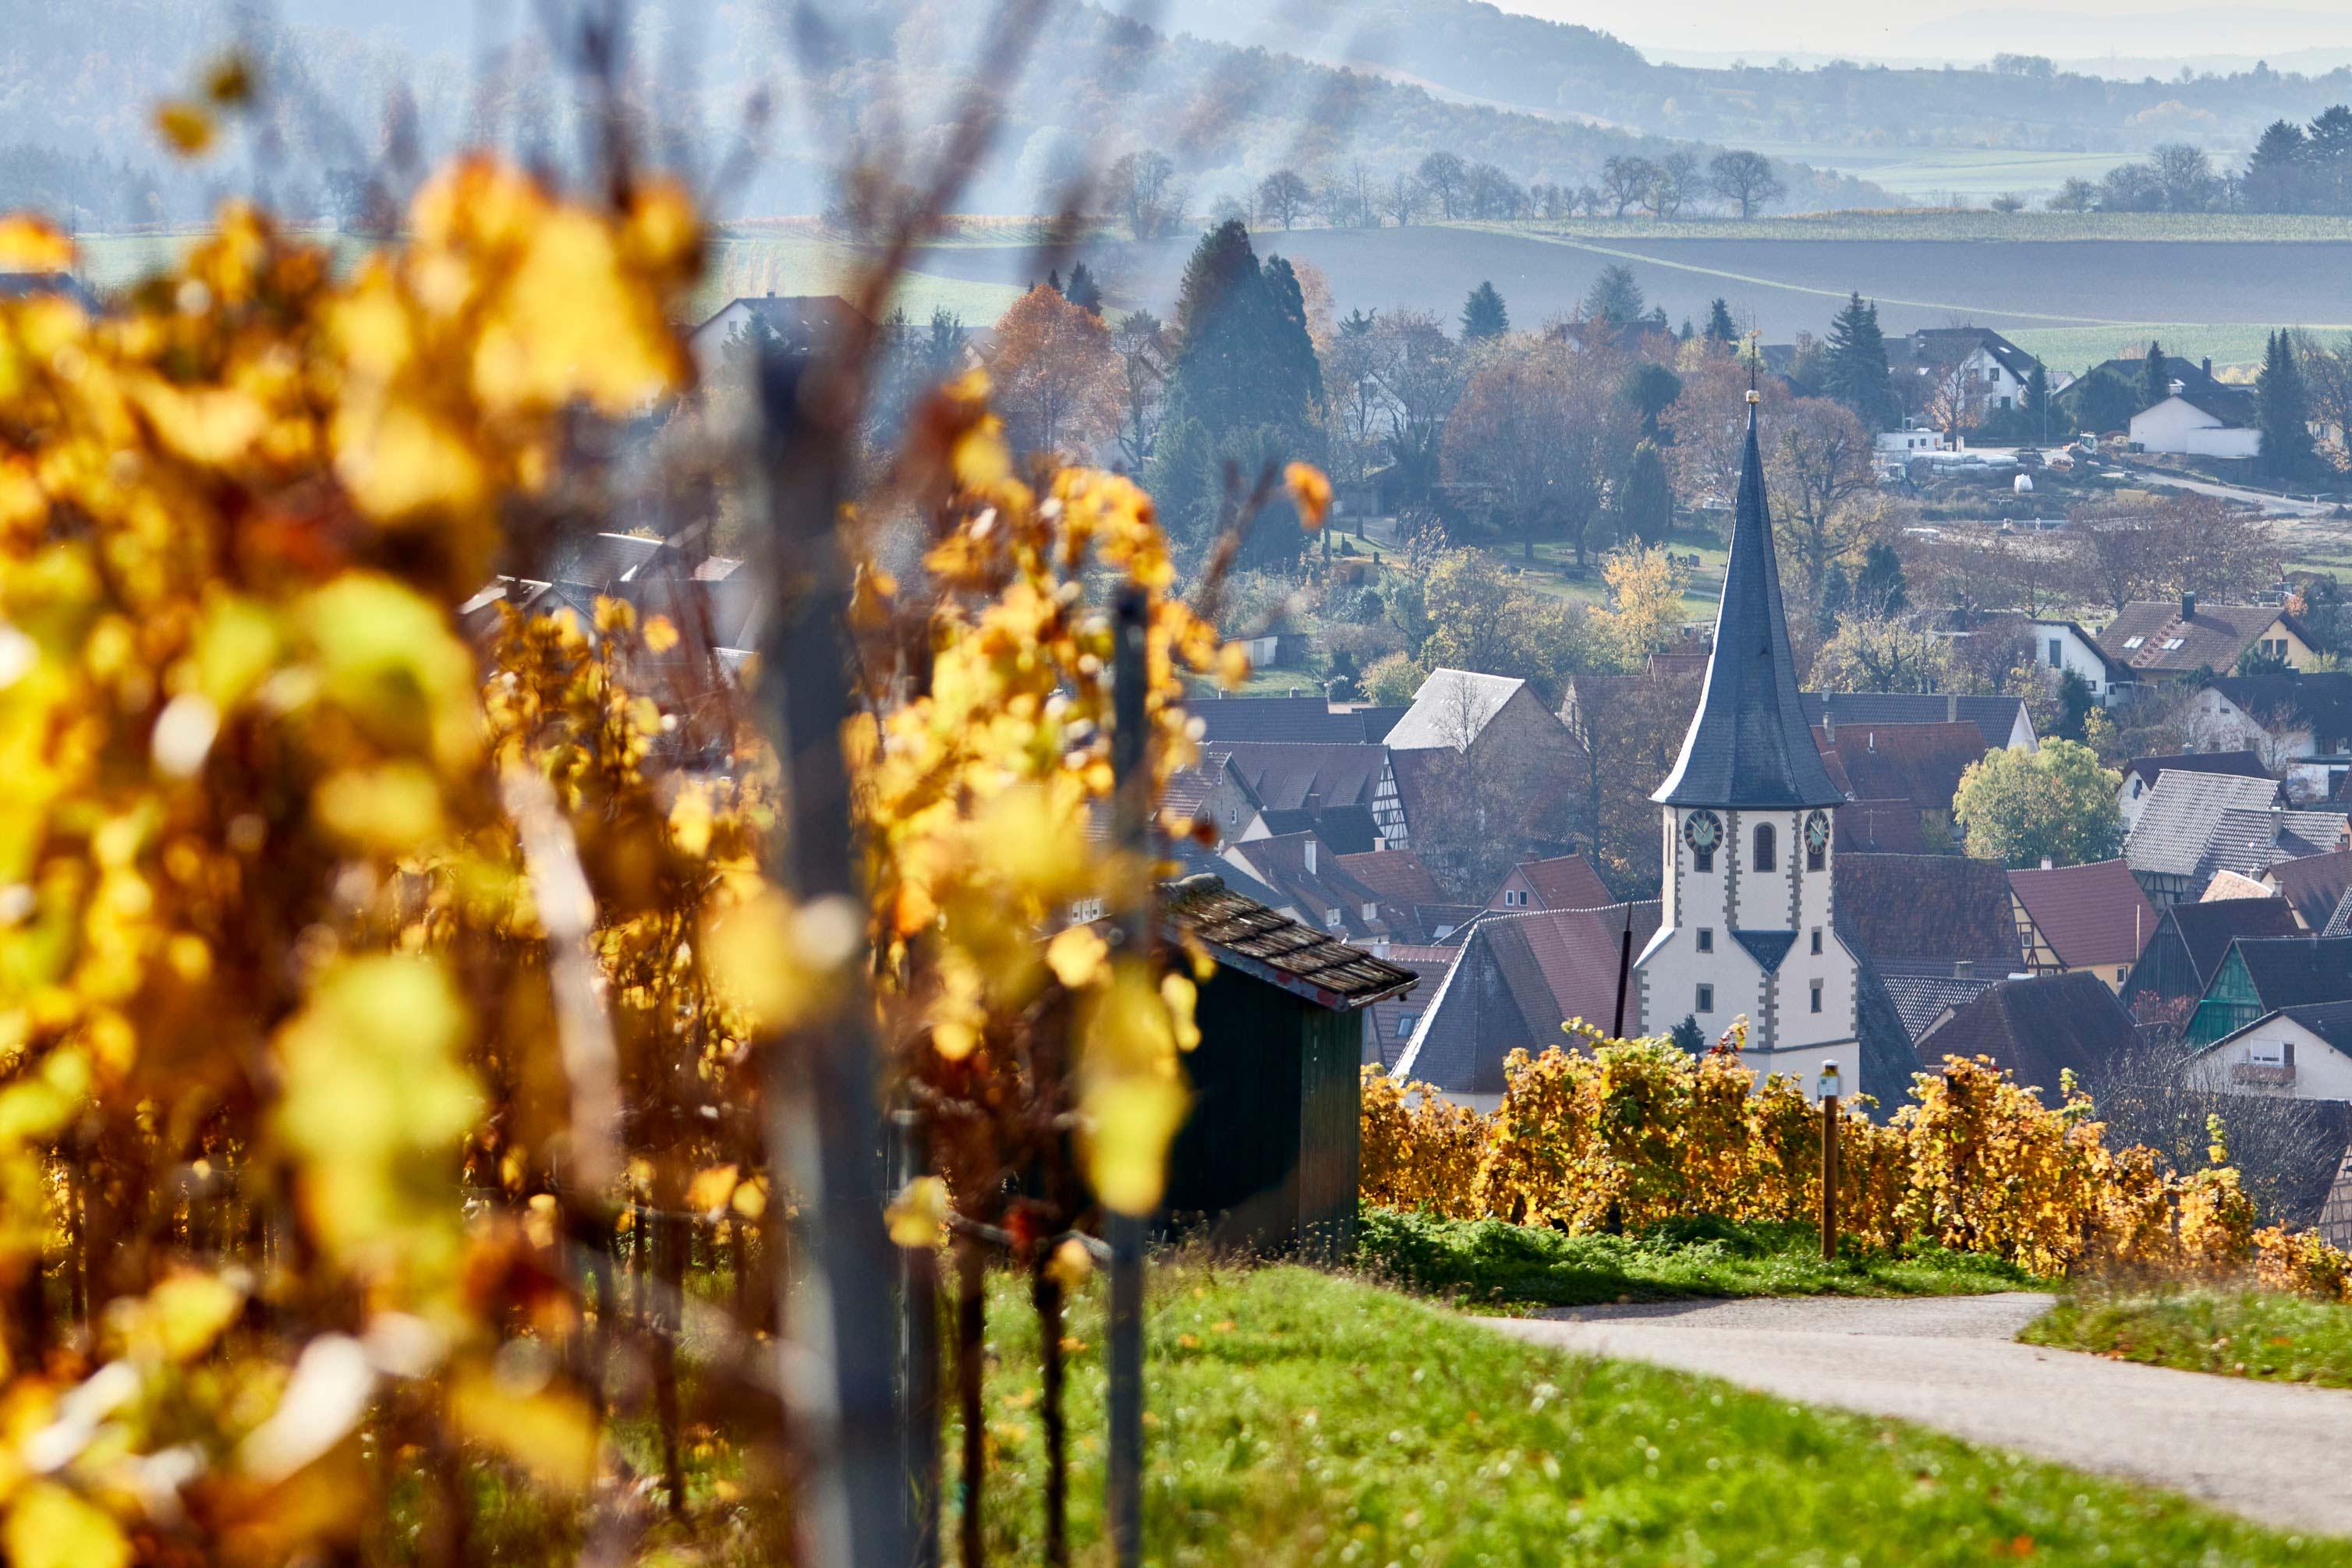 Herbststimmung auf dem Eppinger Linien Weg © Kraichgau-Stromberg Tourismus e.V., Christian Ernst